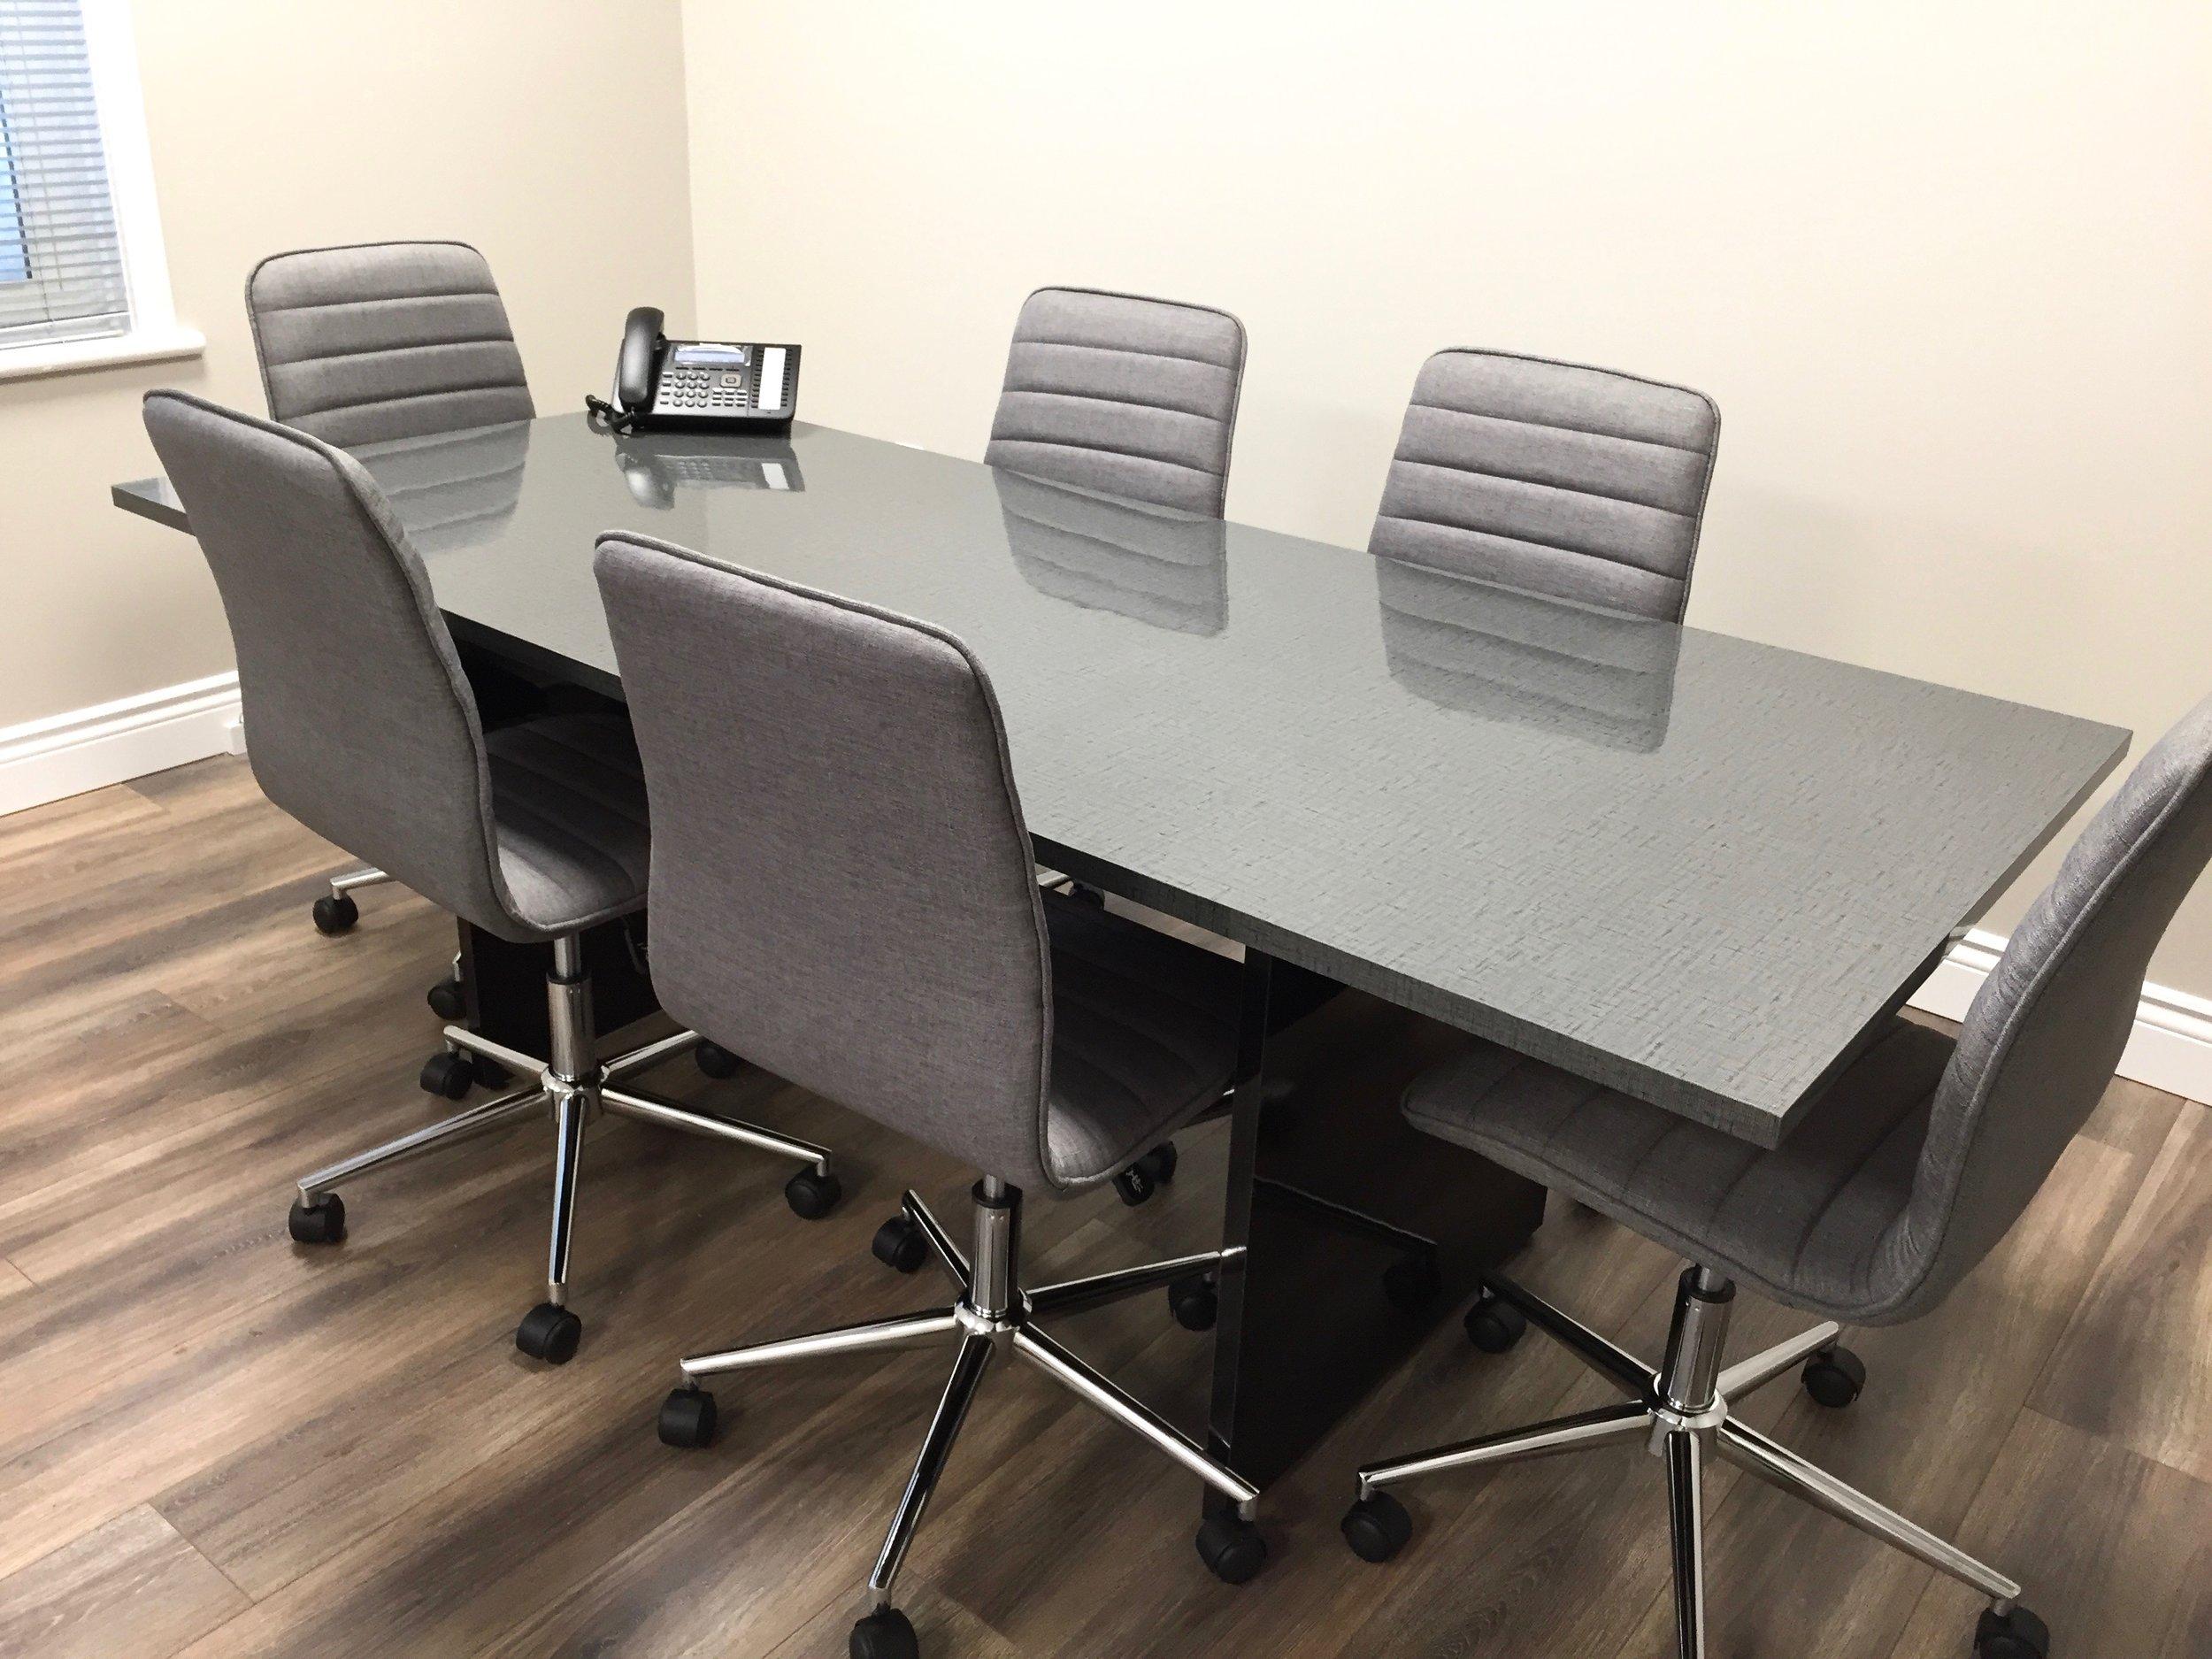 Custom laminate cover for office desk